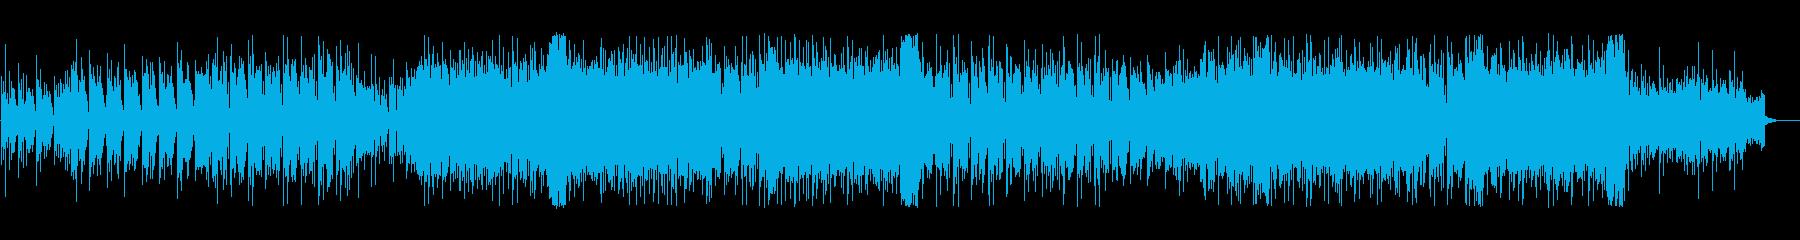 骨太ロック、ダンサンブルなBGMの再生済みの波形